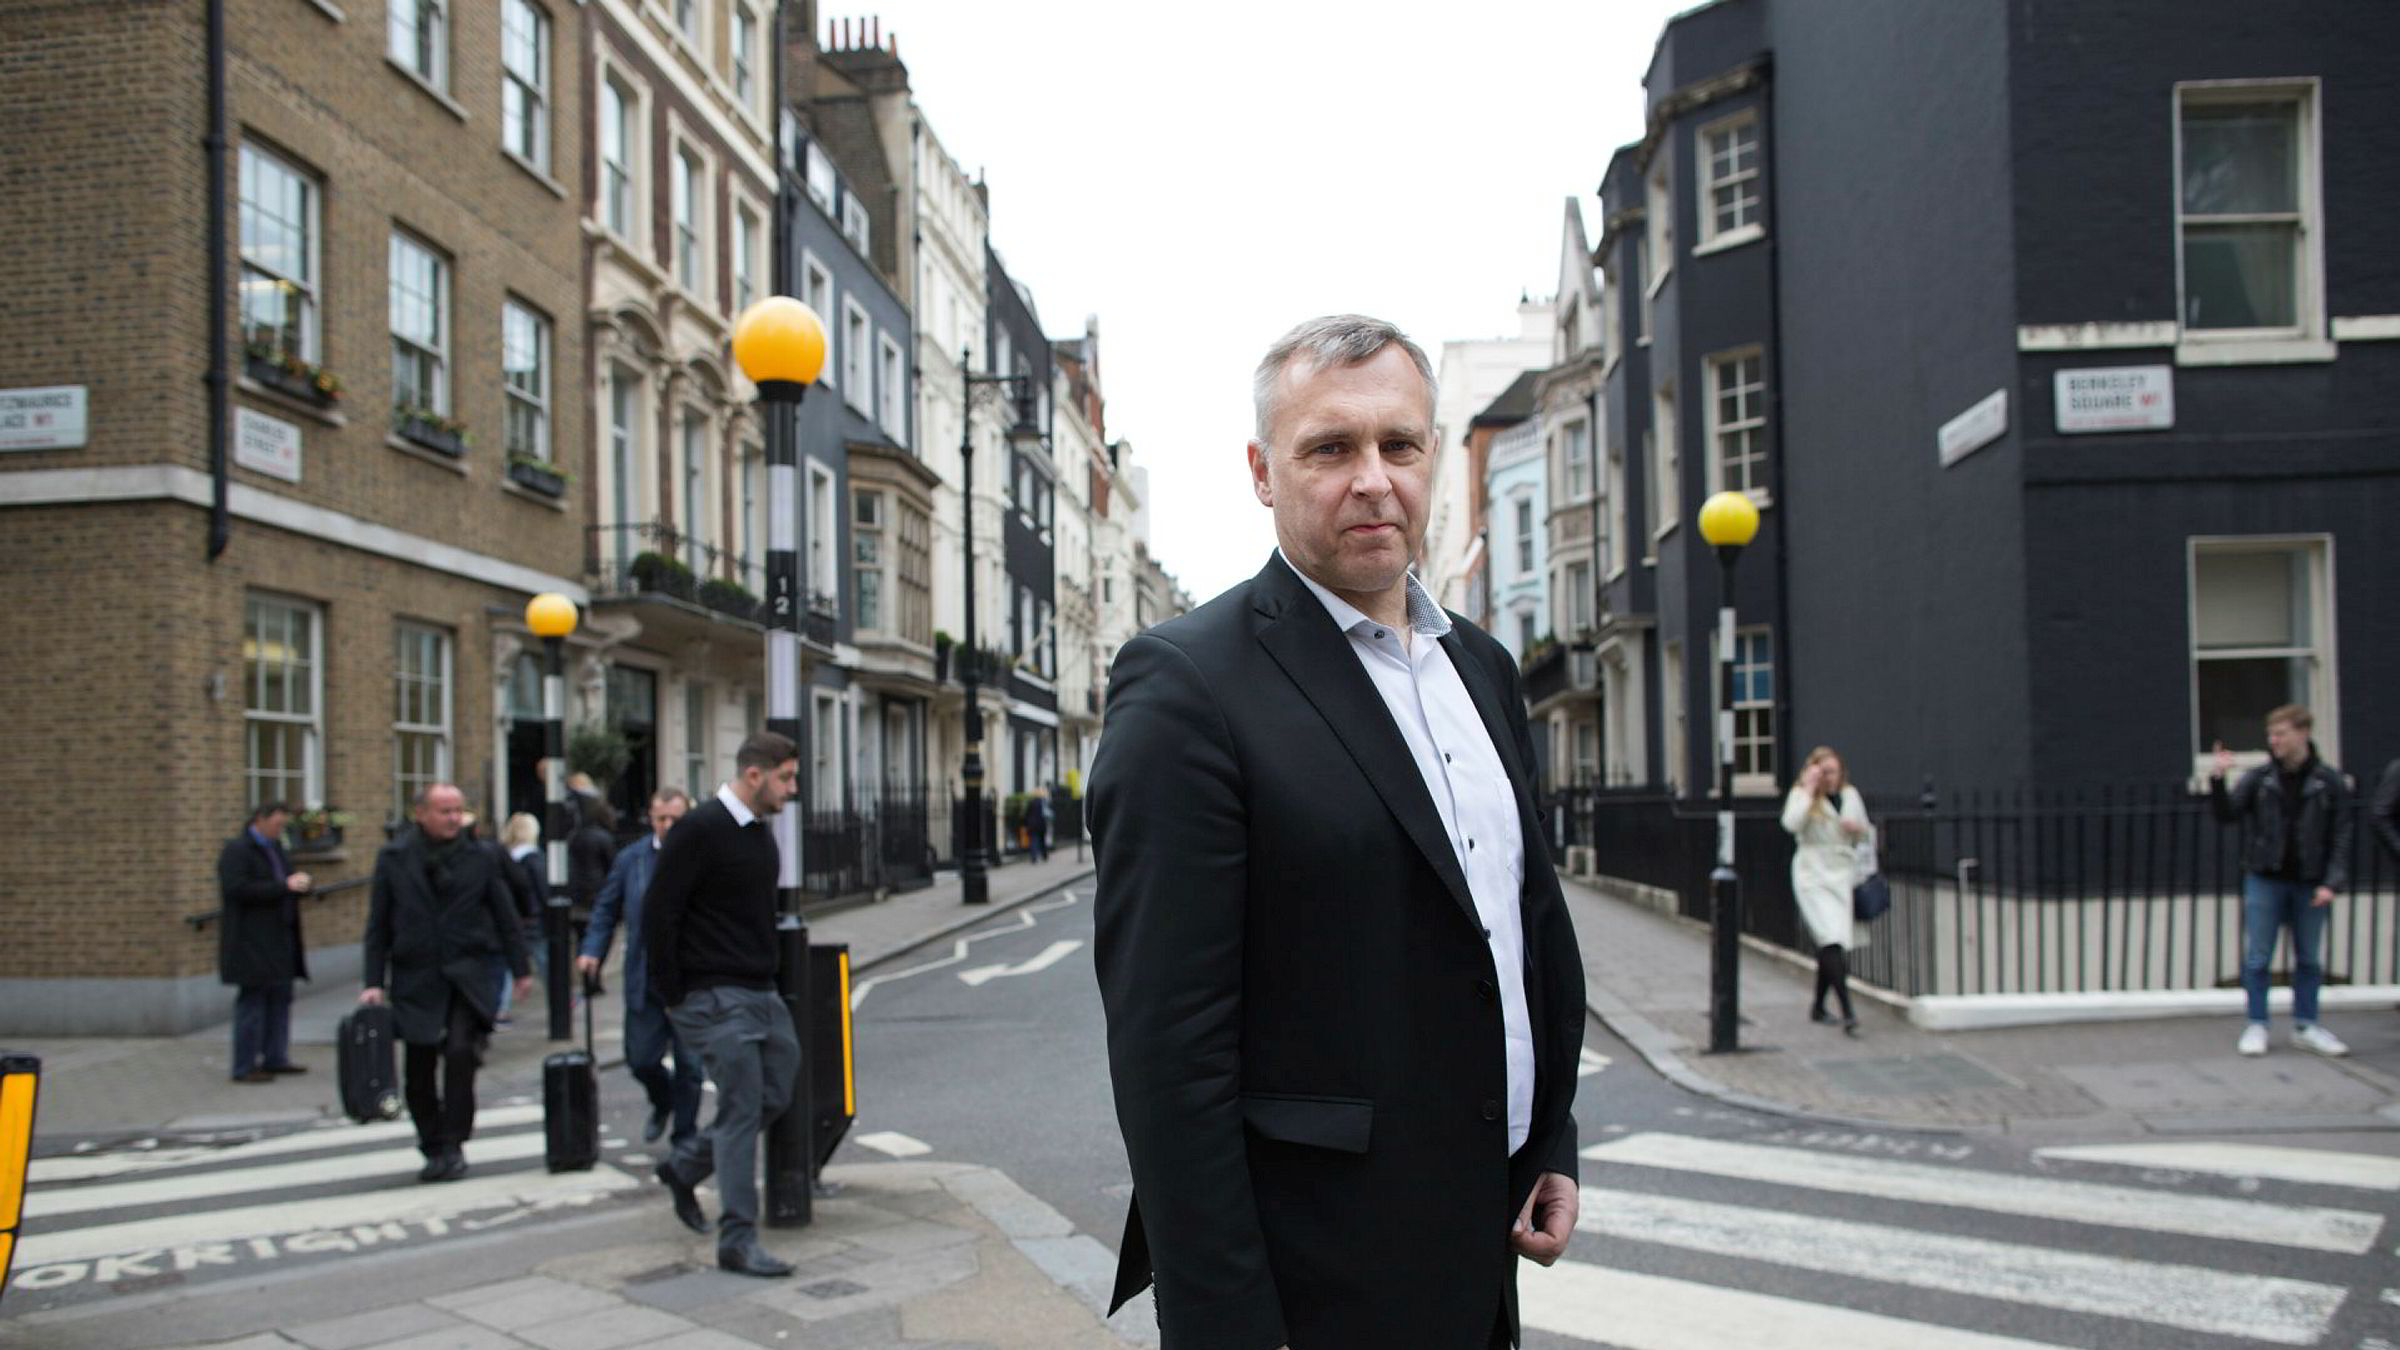 Tidligere Norske Skog-sjef Sven Ombudstvedt er skuffet over det han oppfatter som betinget tillit fra styret. Det er en av grunnene til at han sa opp stillingen. Jeff Gilbert